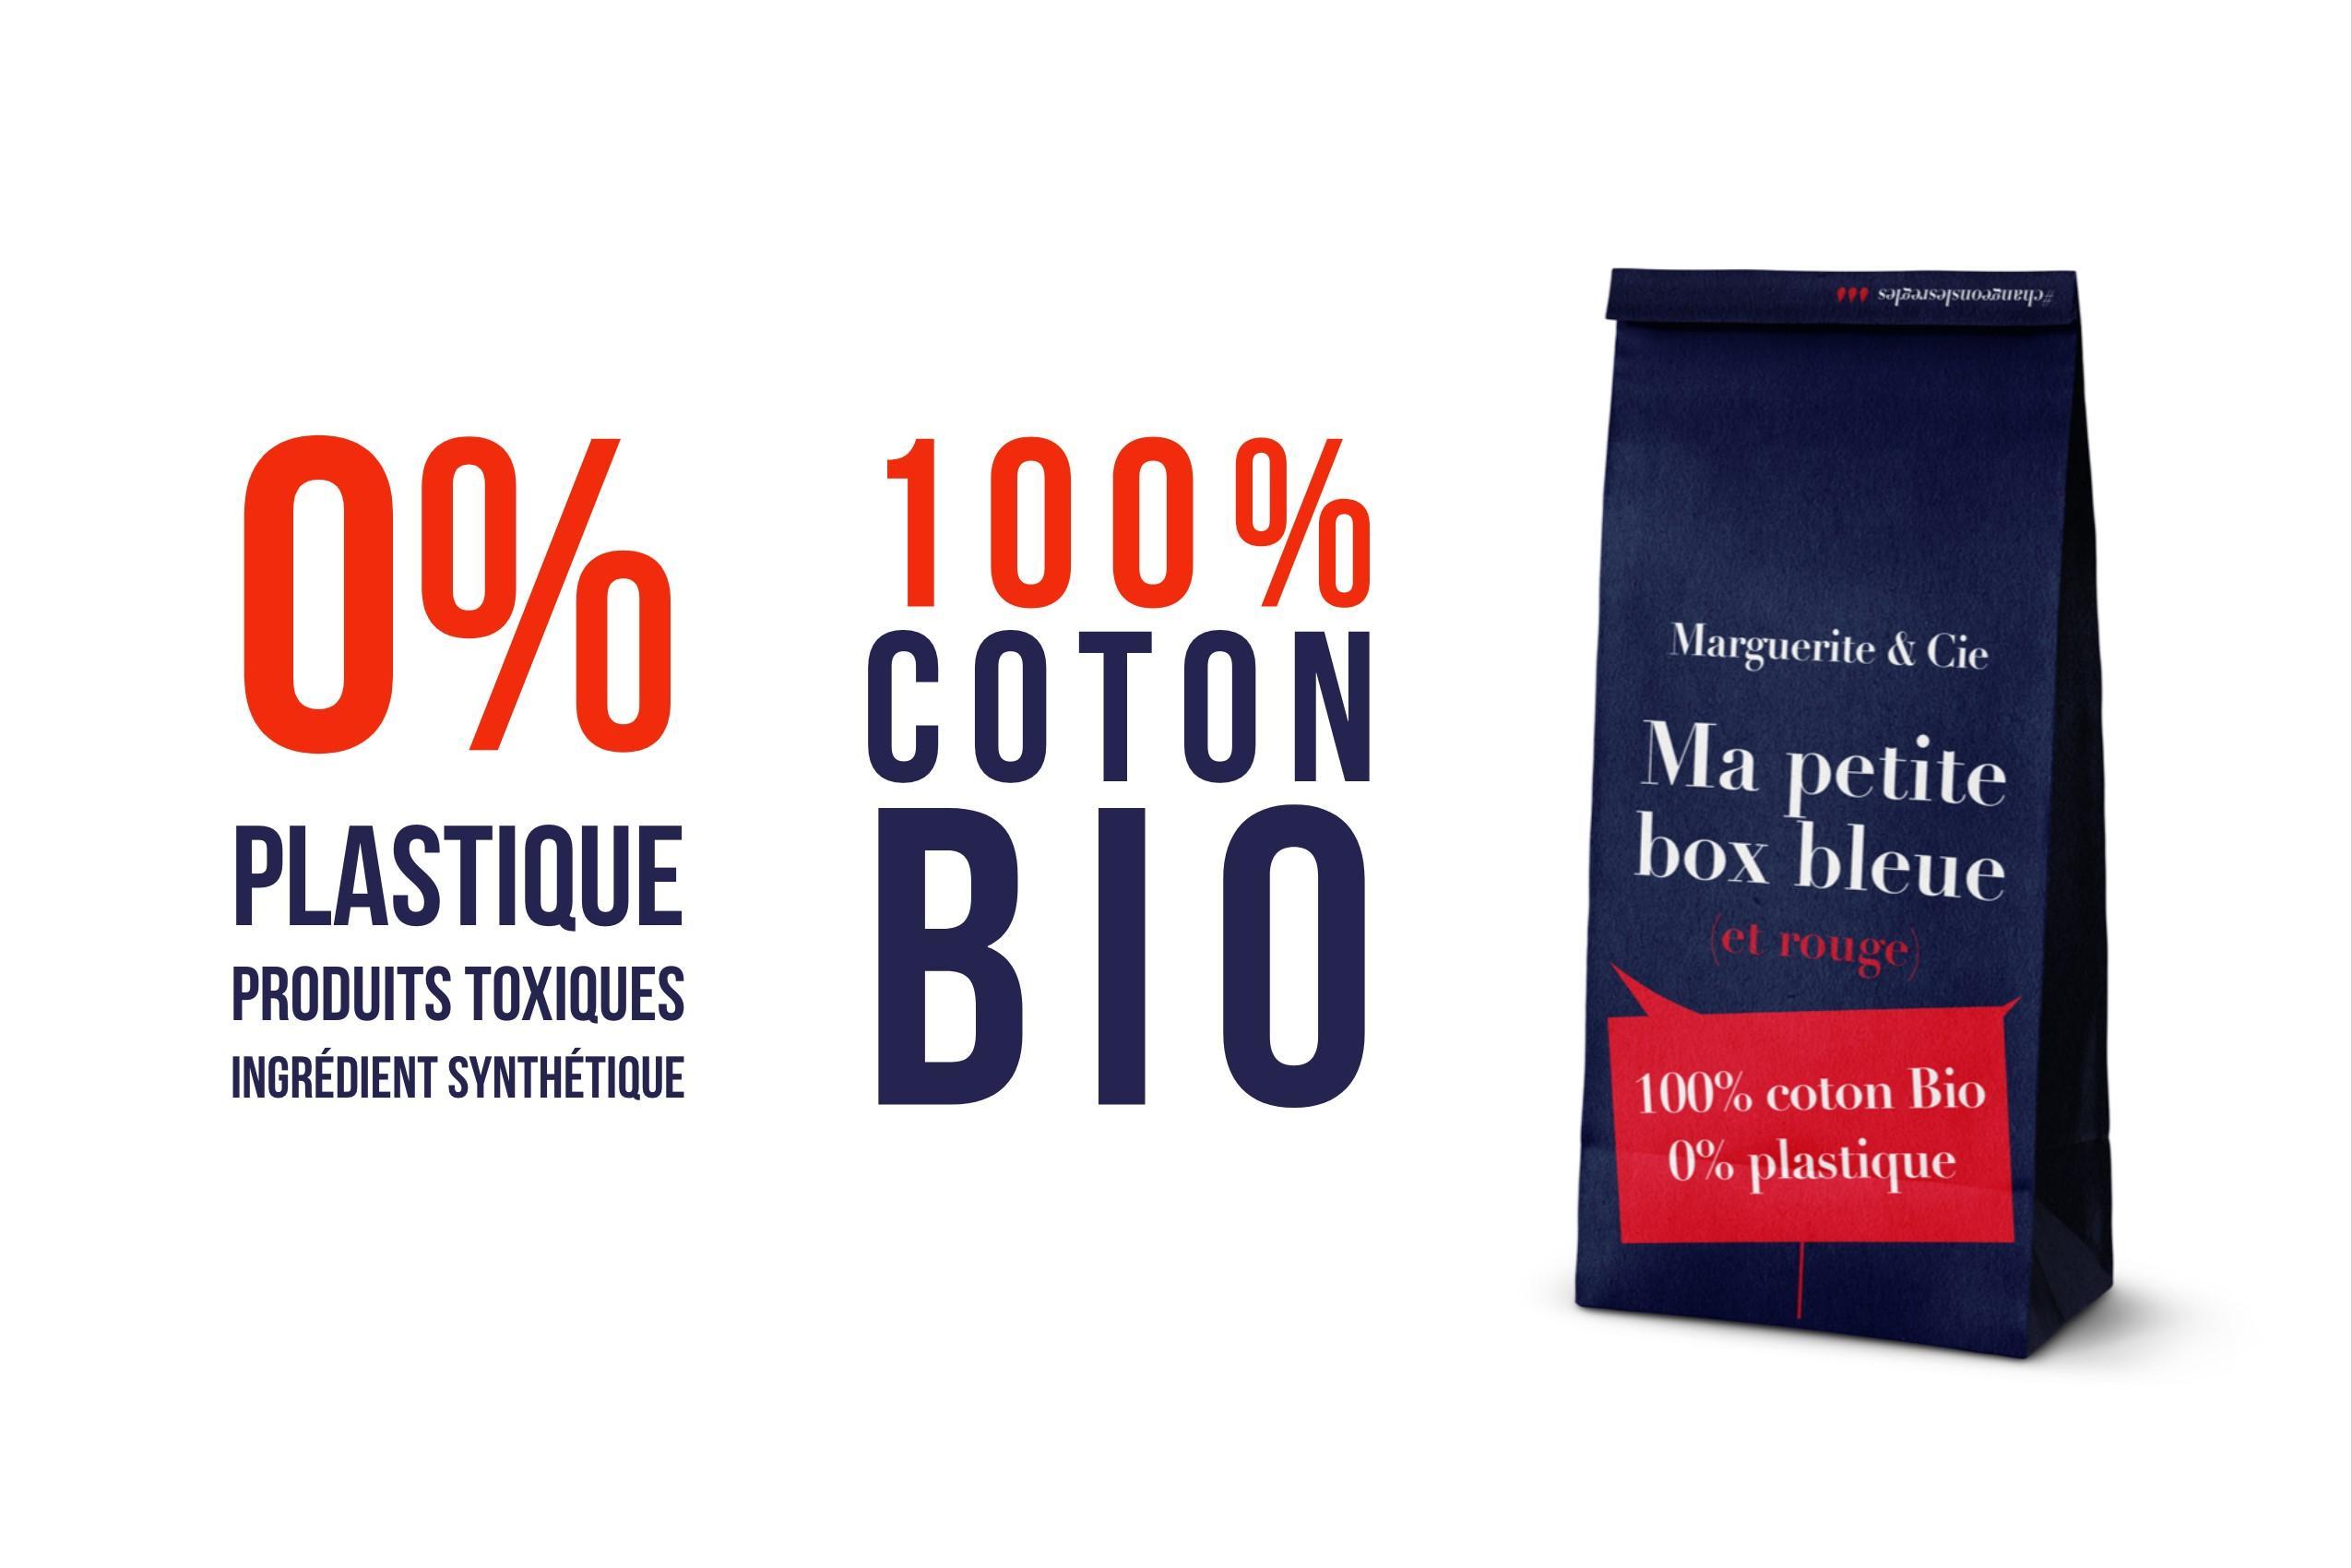 Tampon Marguerite & Cie : la box qui change tout